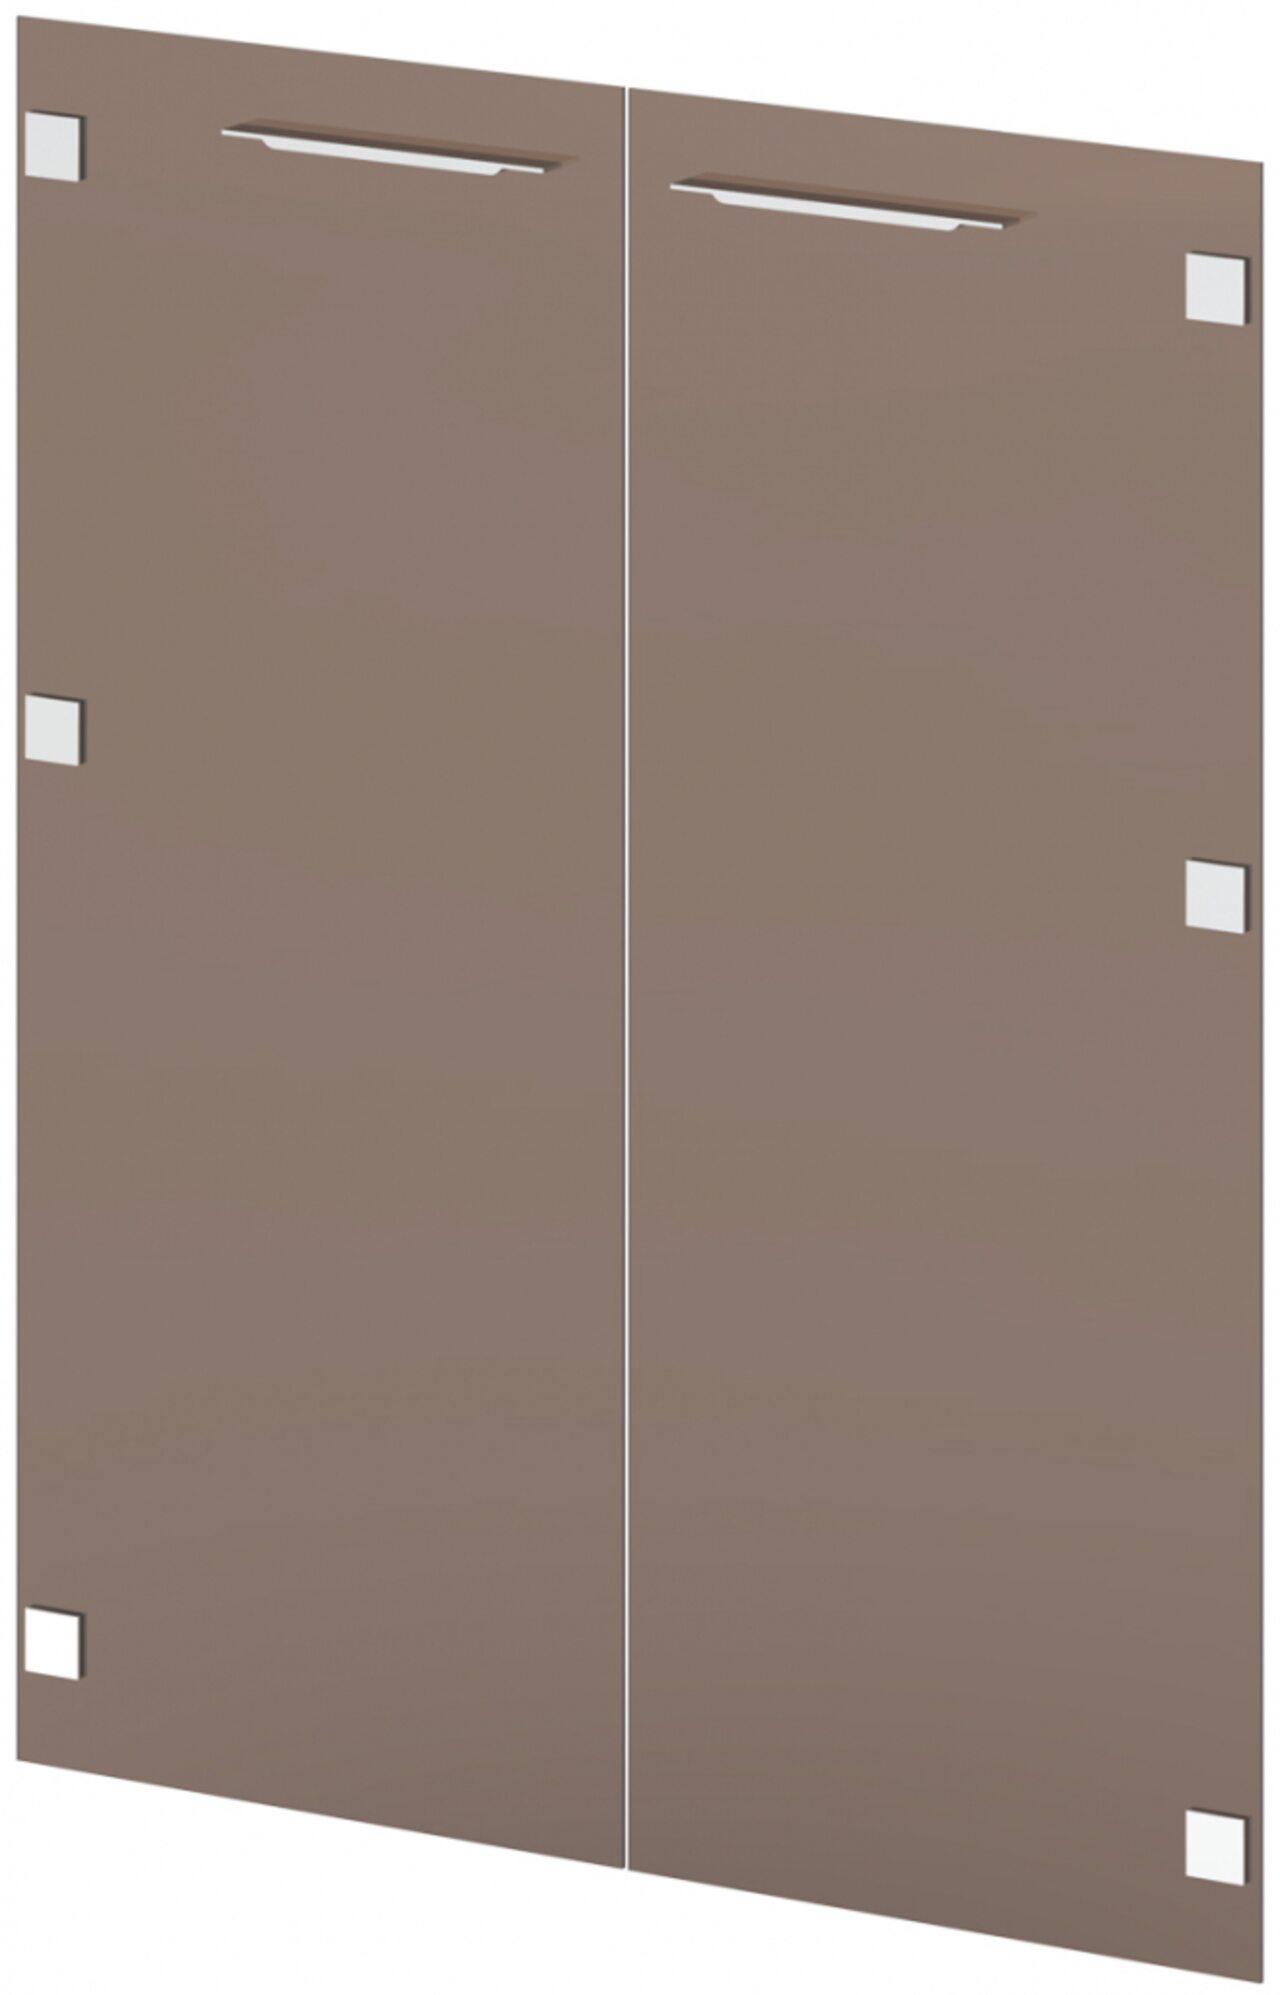 Двери стеклянные средние  Grandeza 1x90x111 - фото 1